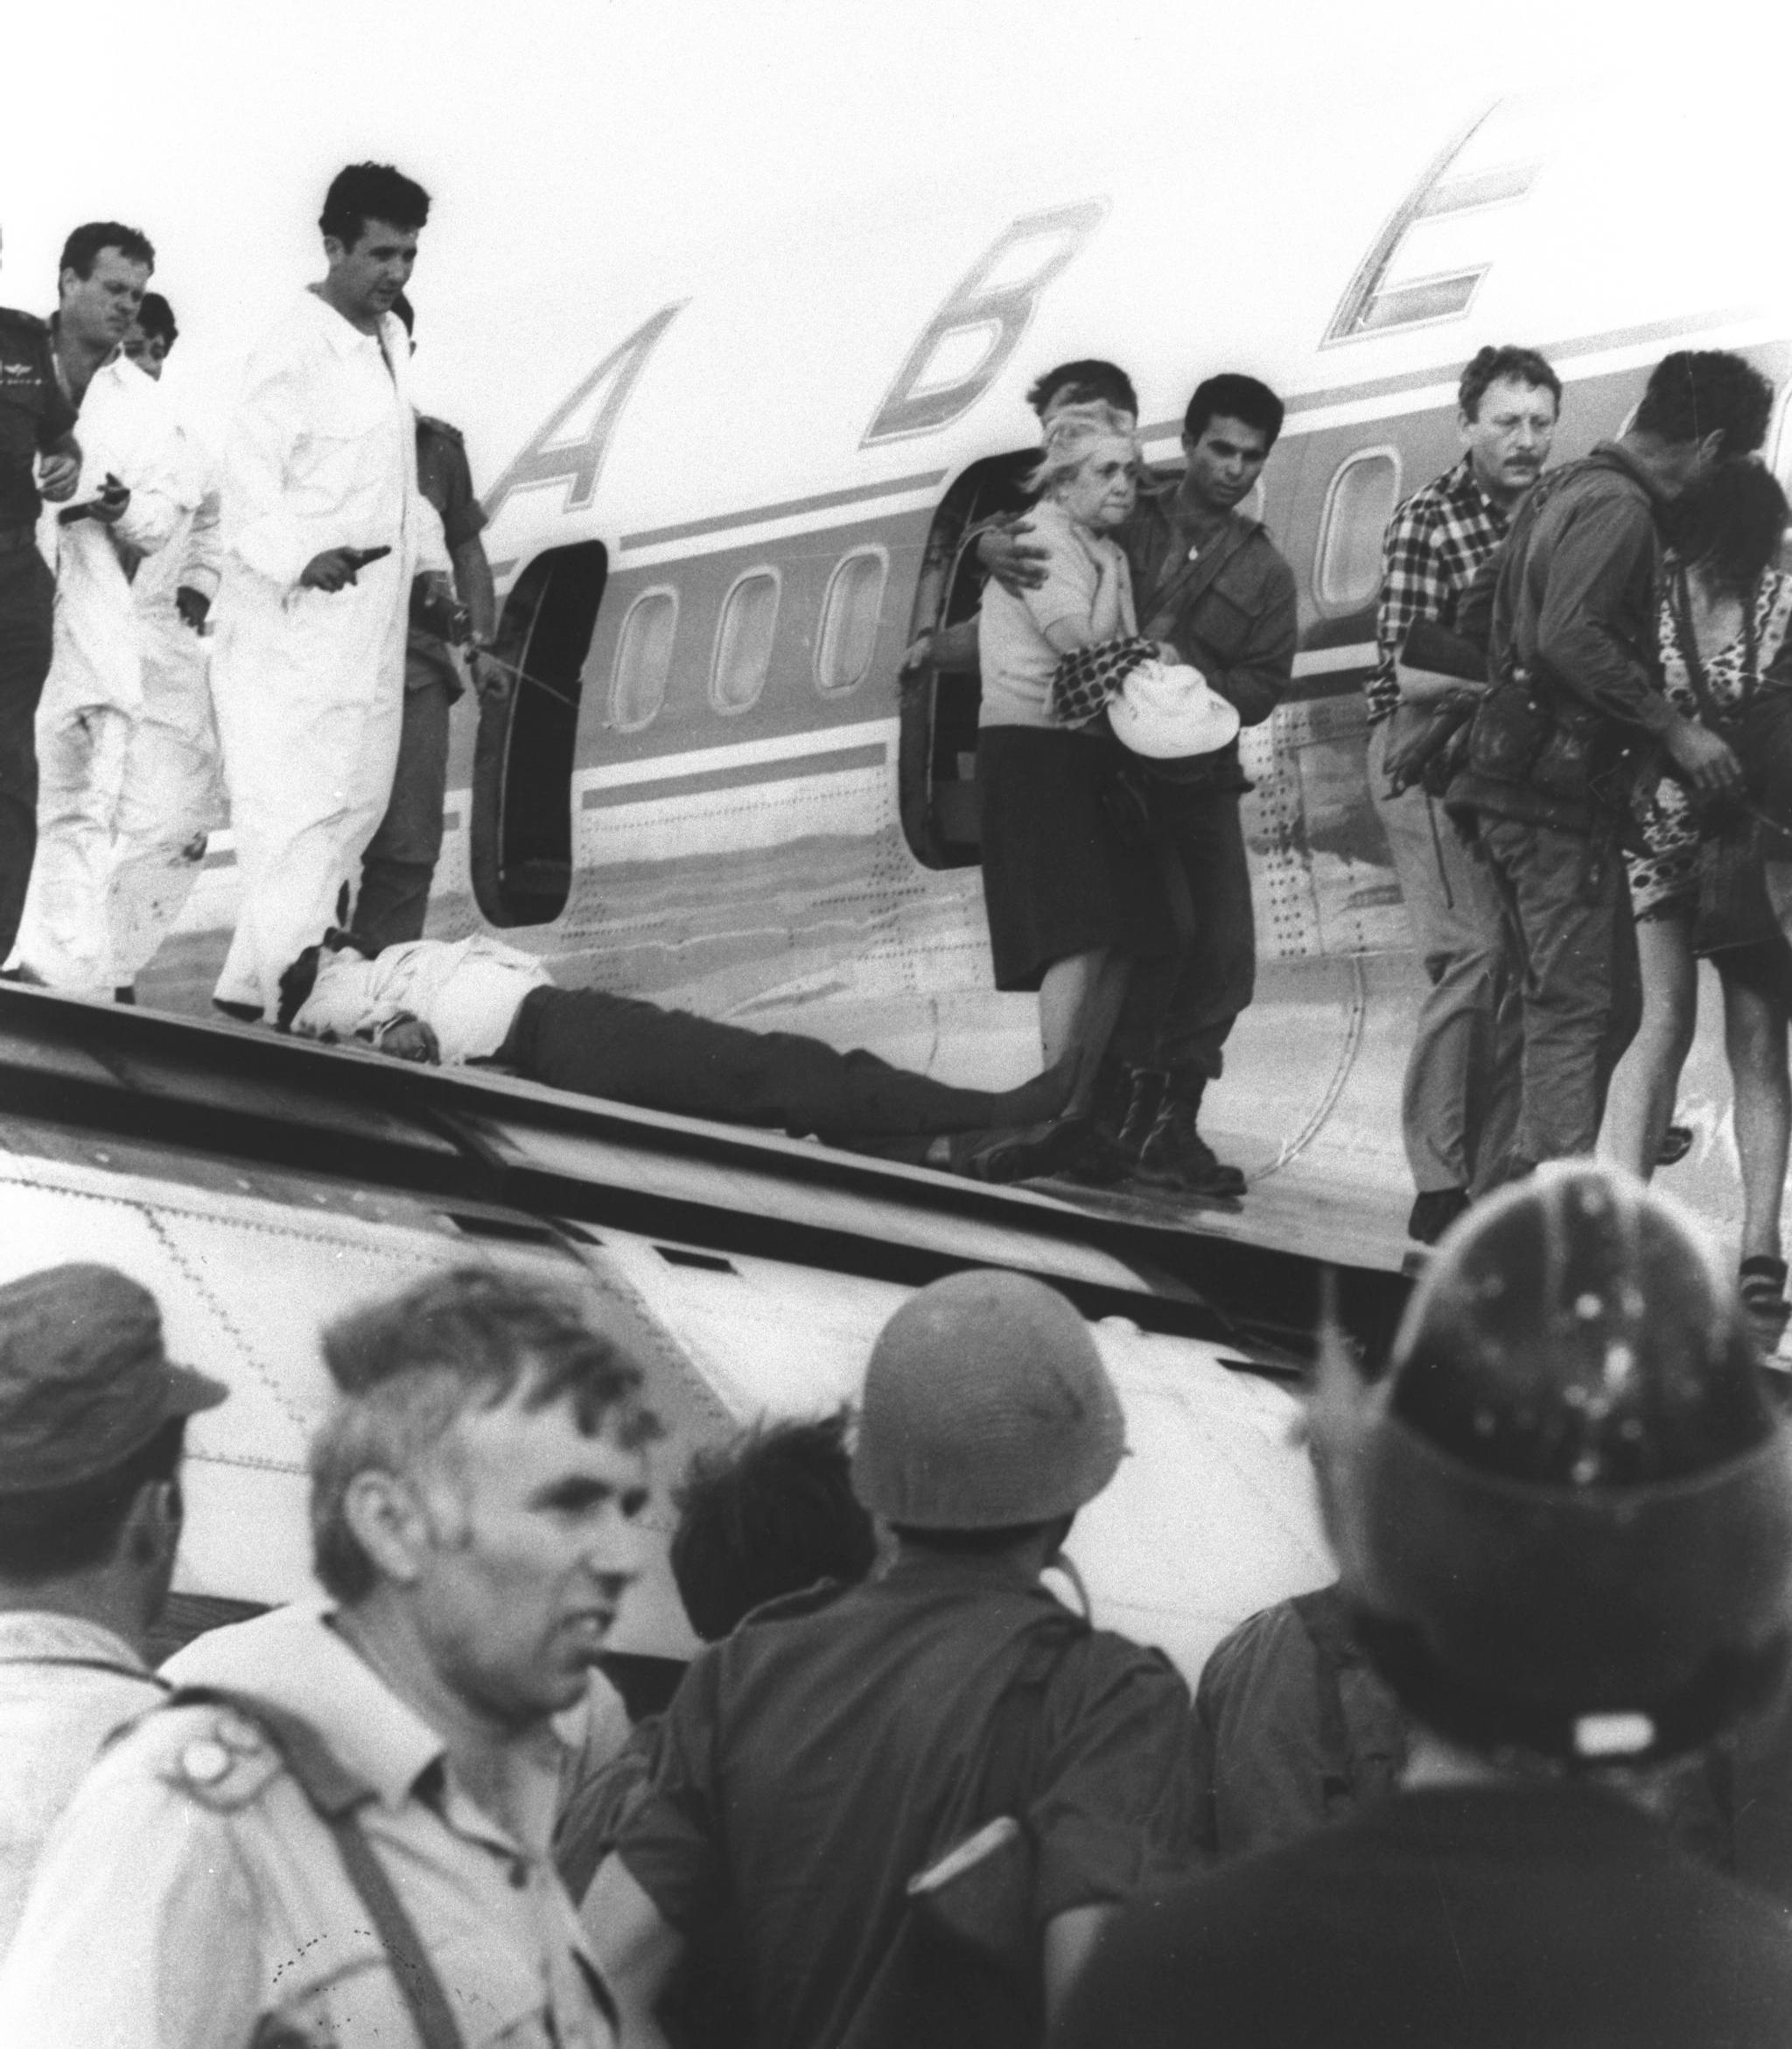 לרדת מכנף הסבנה: אסטרטגיה ישראלית לנוכח טרגדיית החטיפה